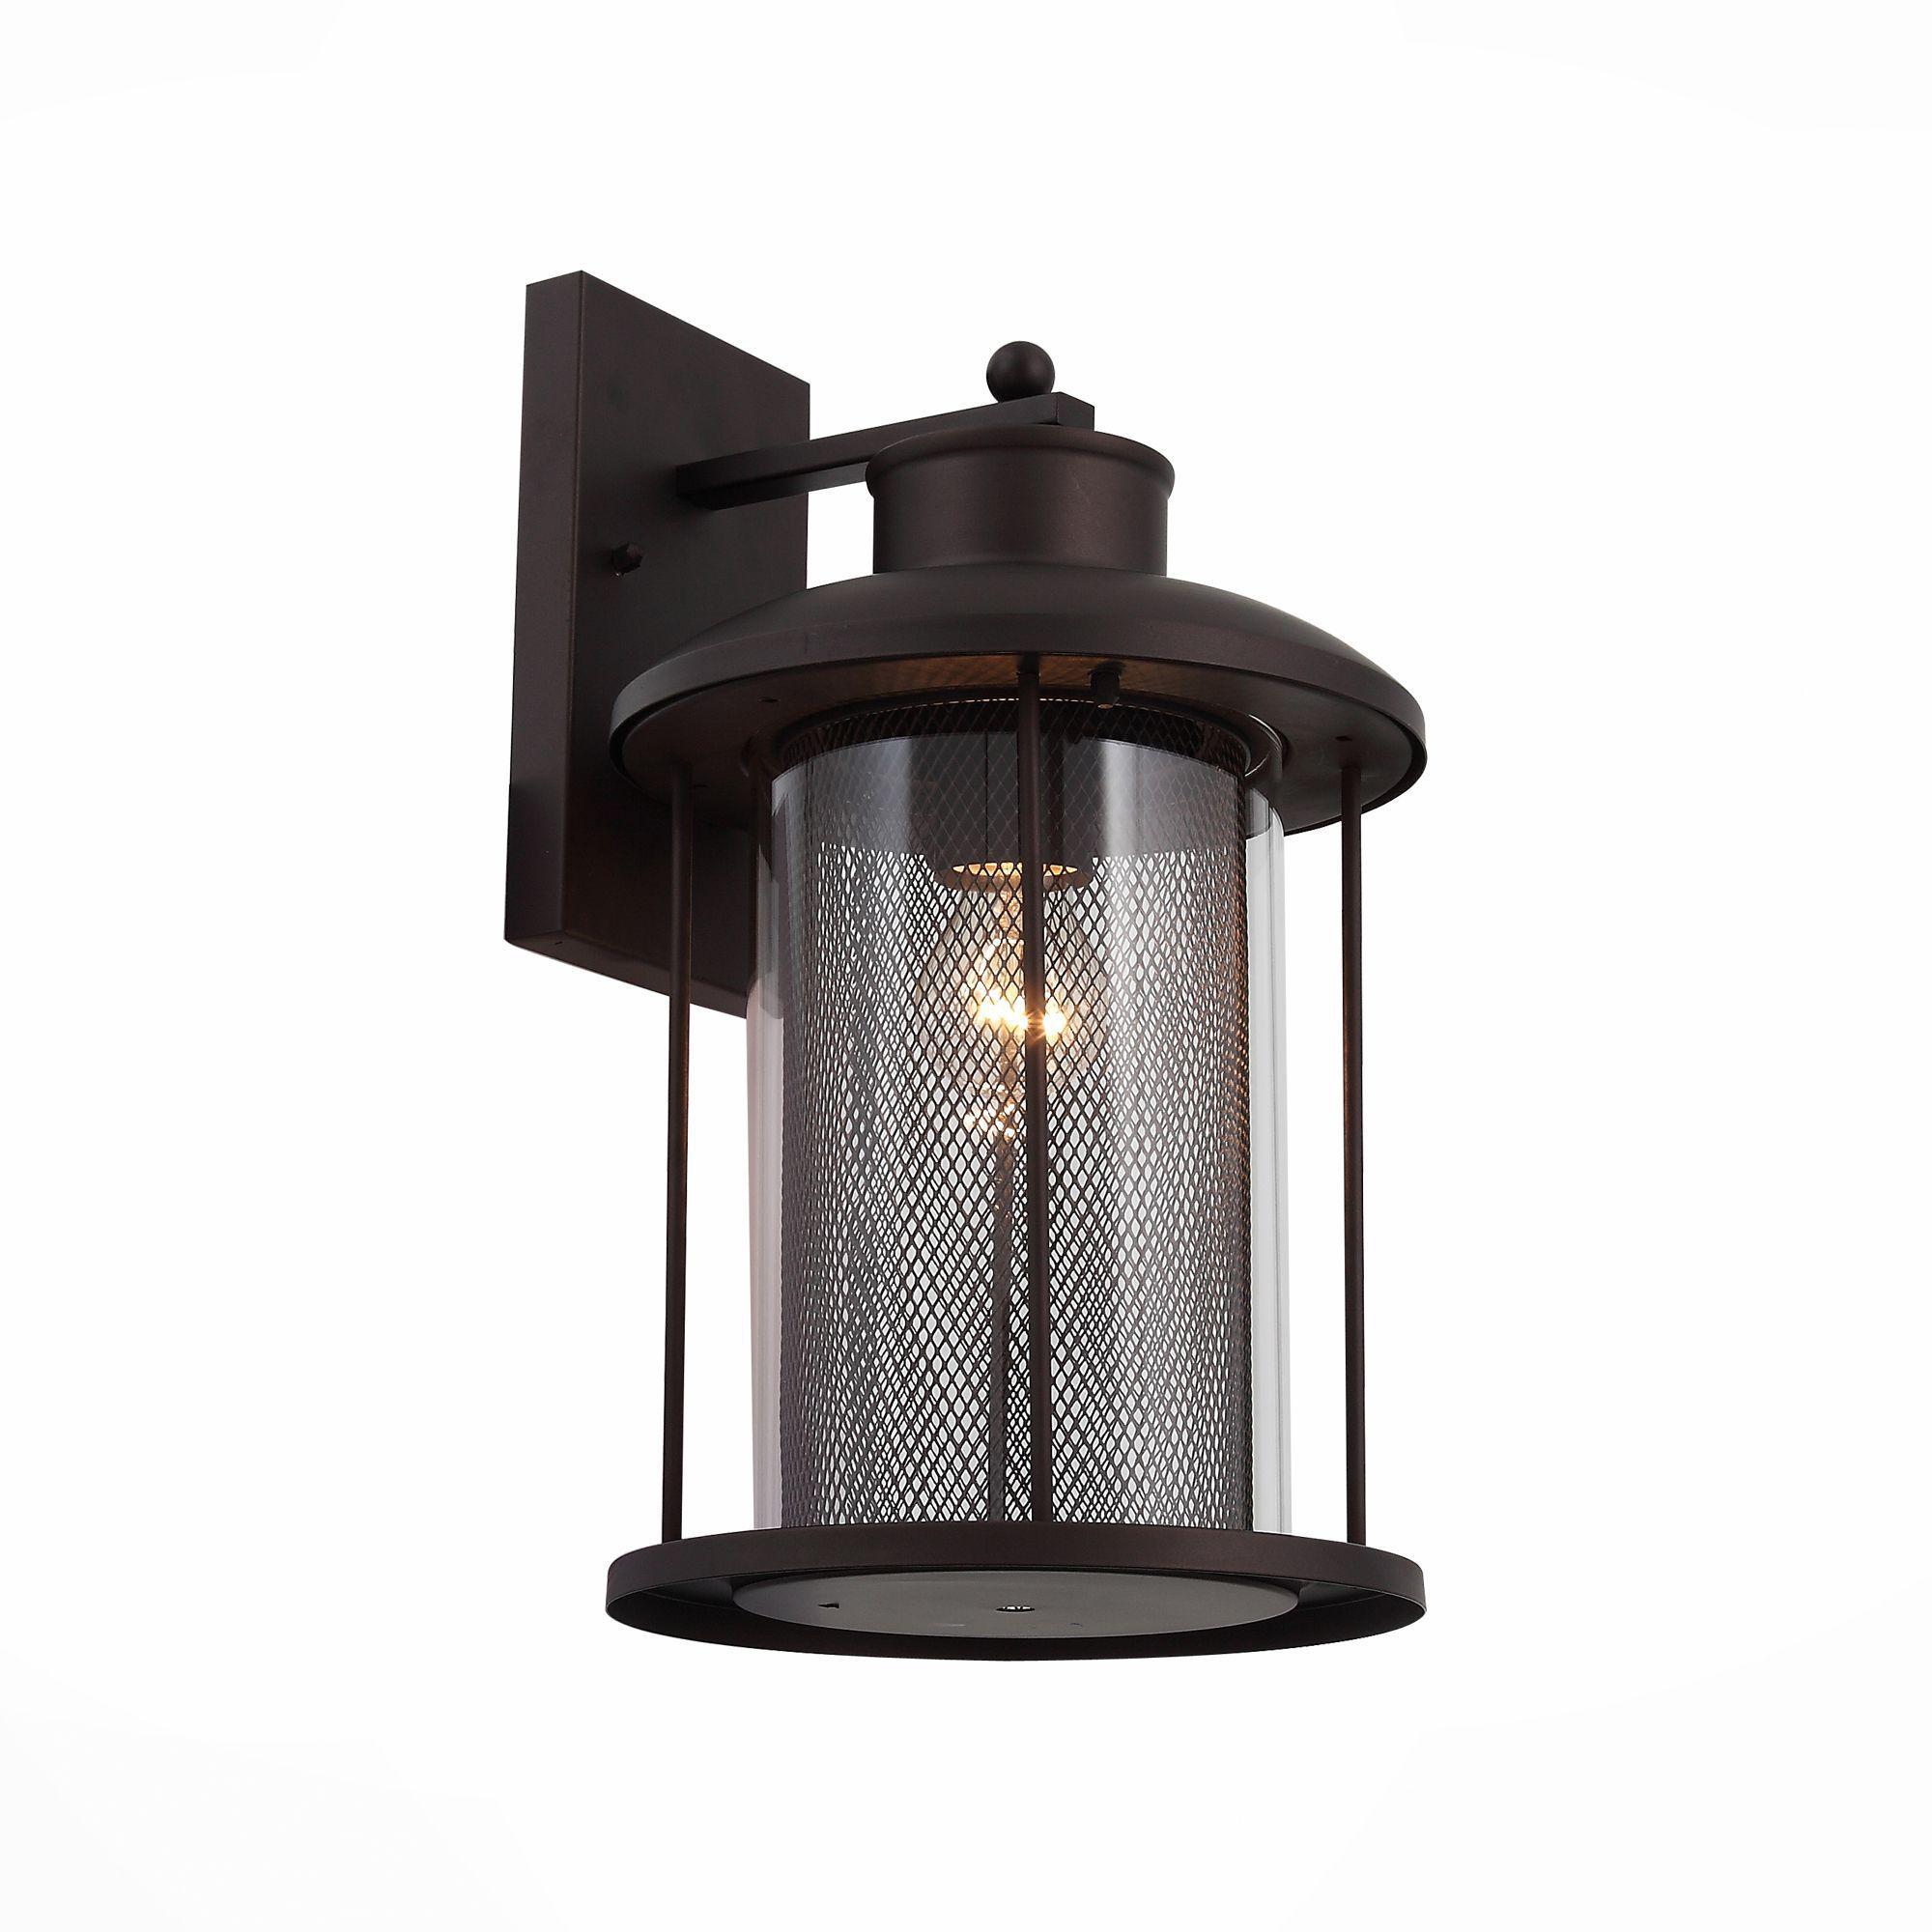 Светильник уличный настенный ST-Luce Темный кофе/Прозрачный, Темный кофе E27 1*60W SL080.401.01